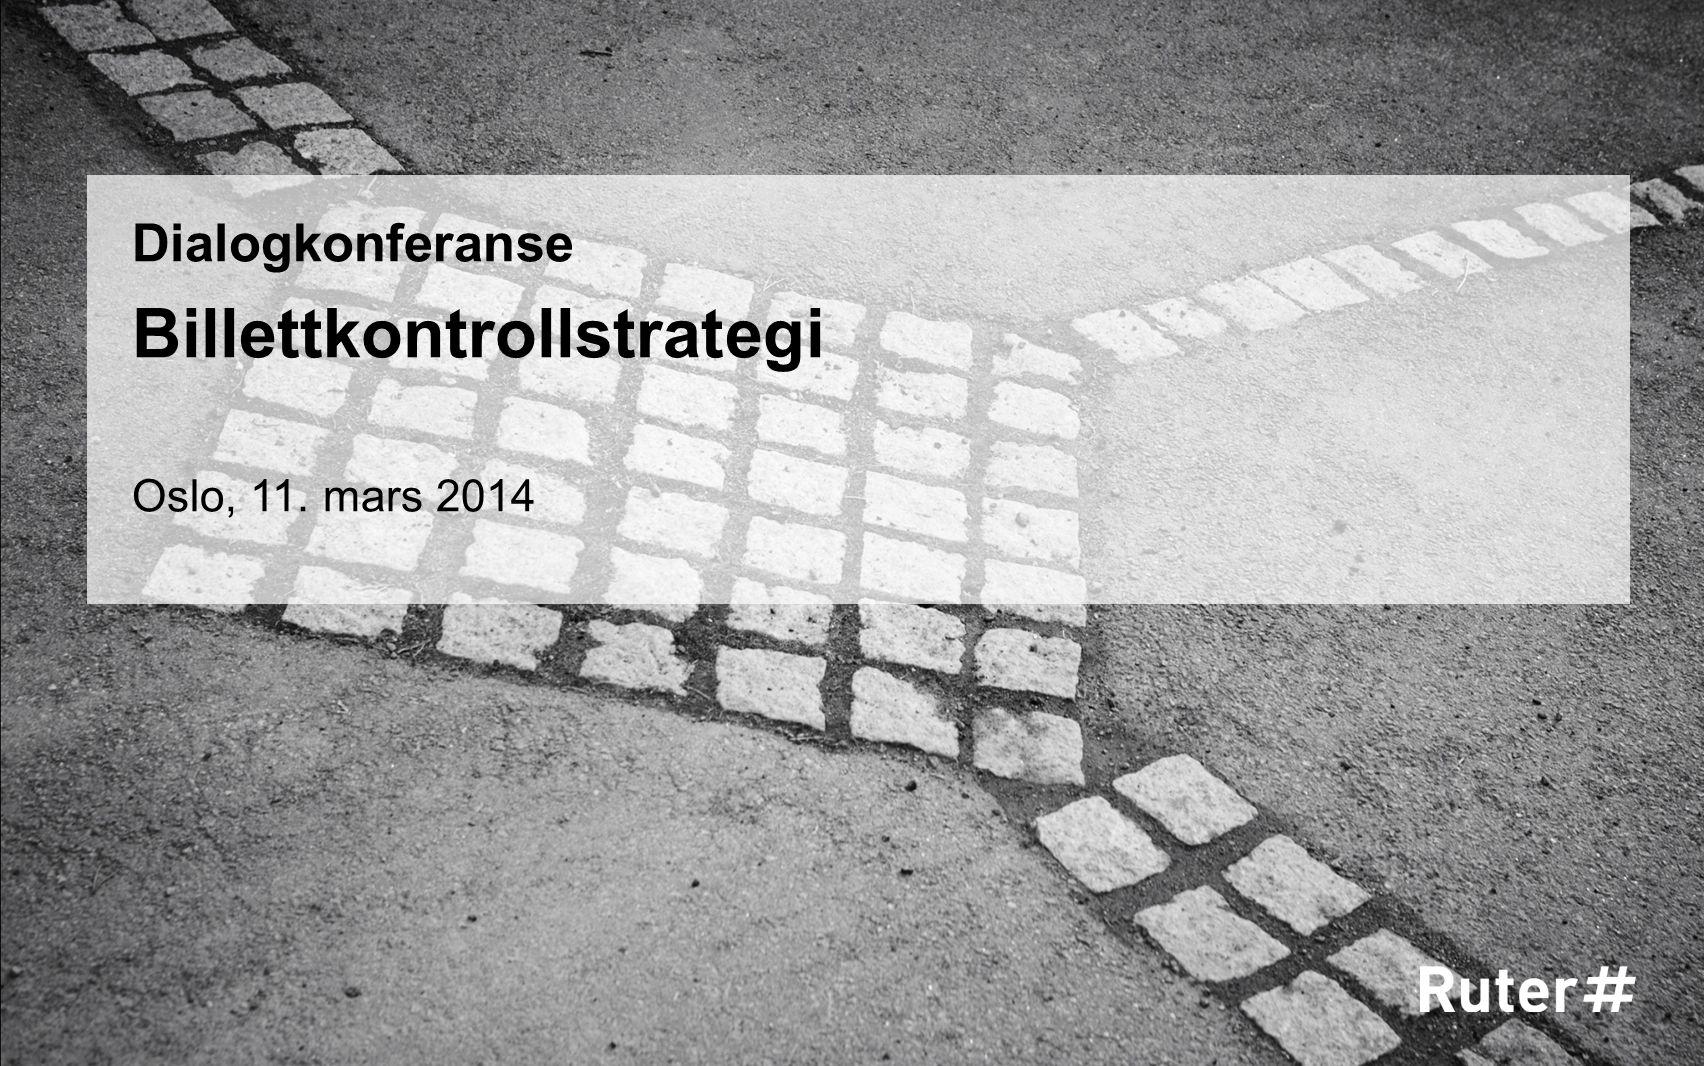 Dialogkonferanse Billettkontrollstrategi Oslo, 11. mars 2014